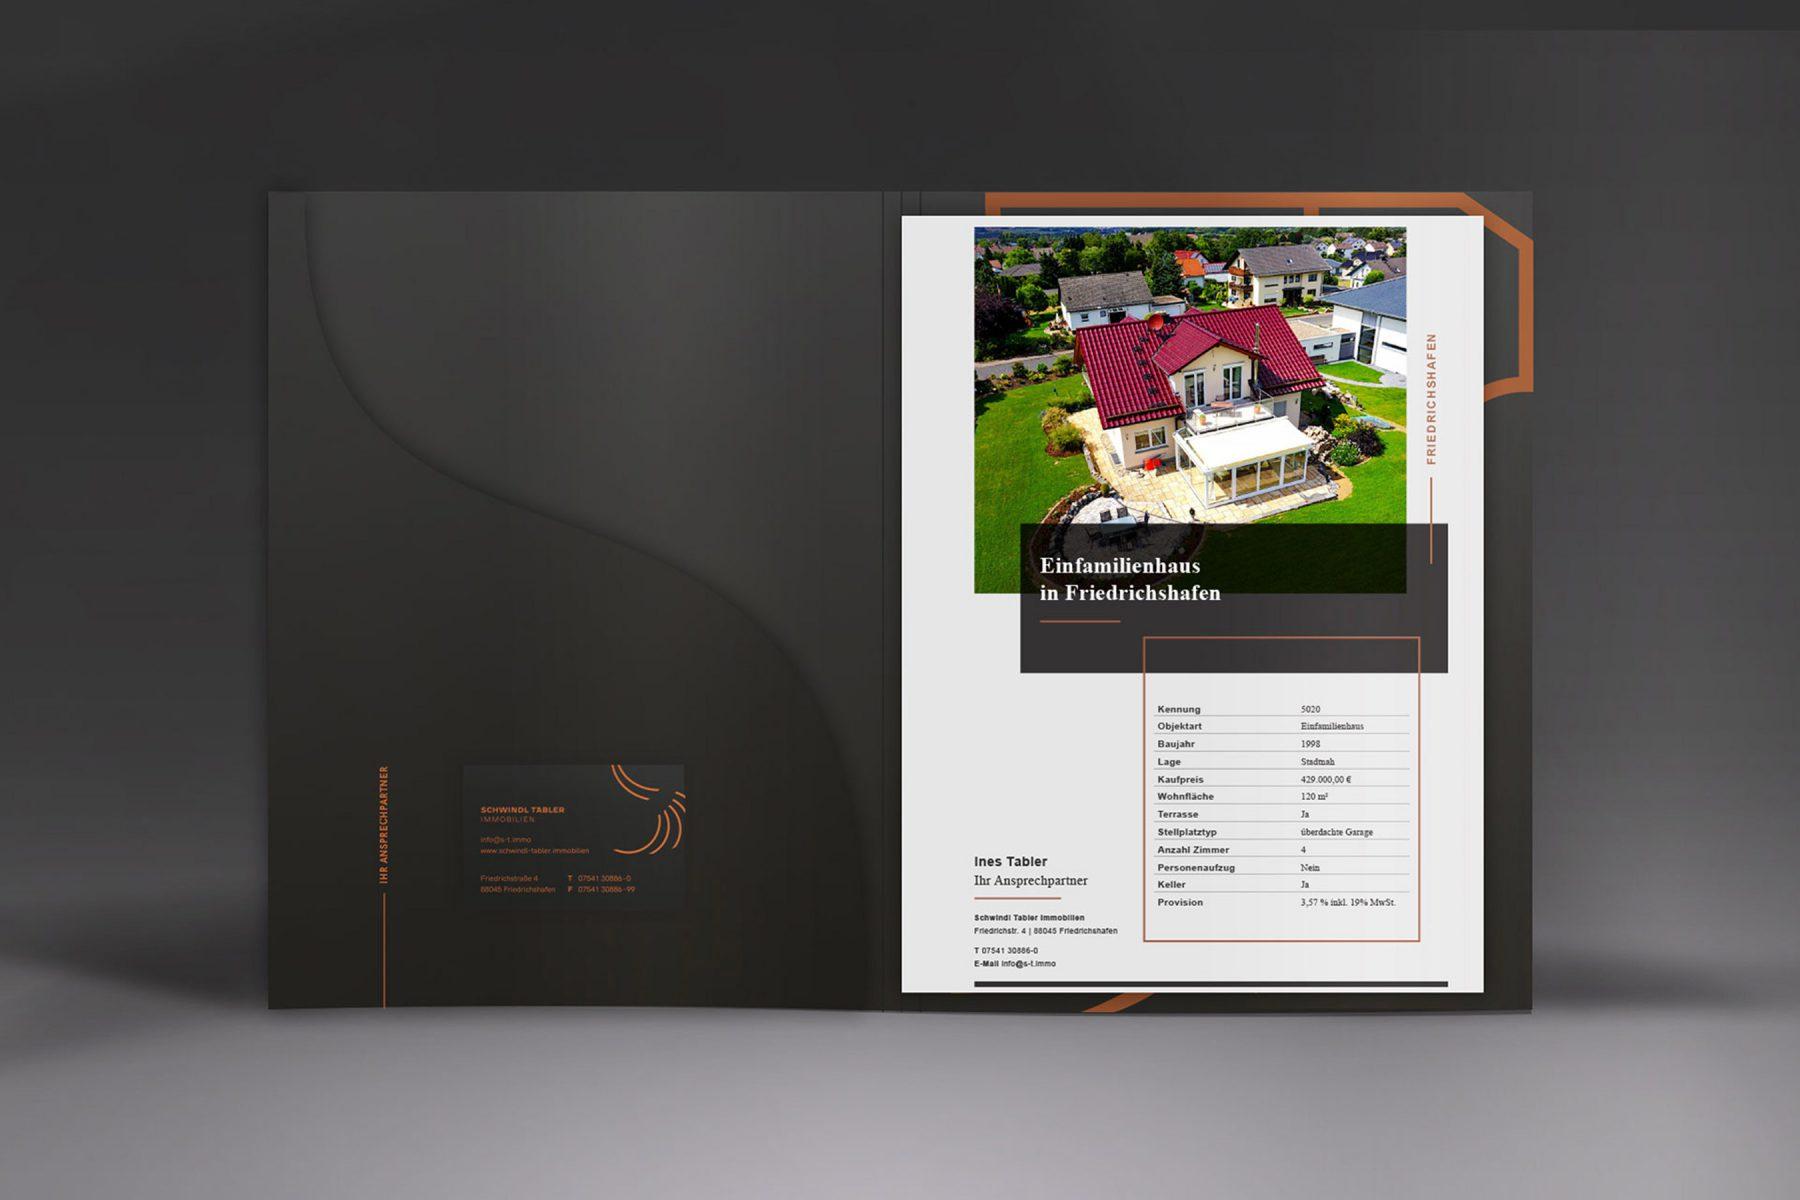 Schwindl Tabler Immobilien in Friedrichshafen Exposé Details